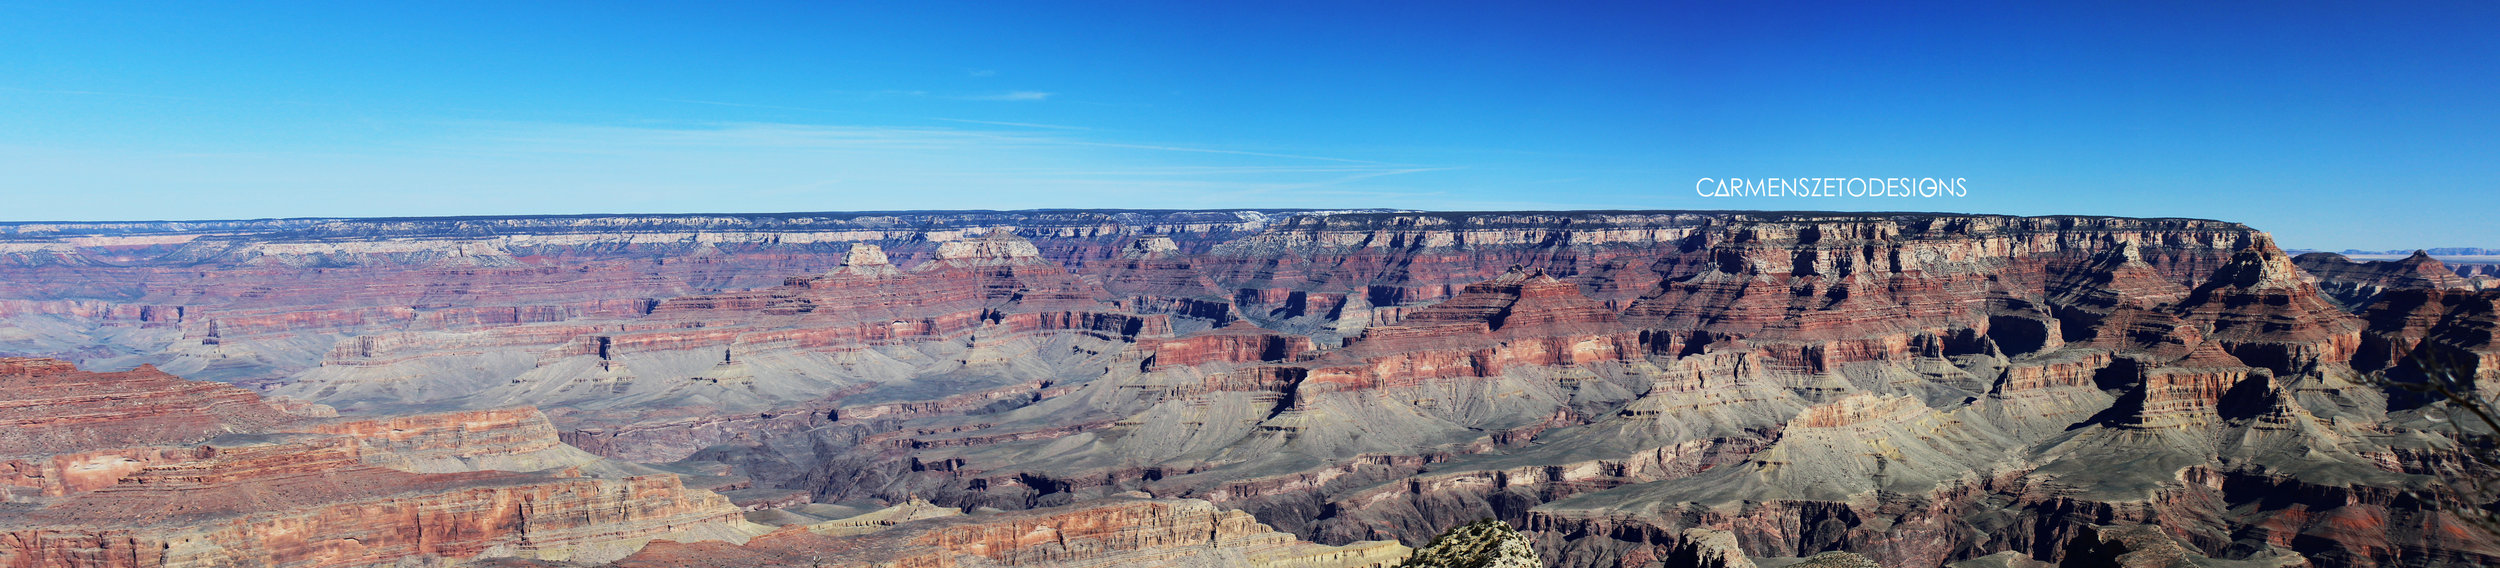 Grand Canyon at Hopi Point